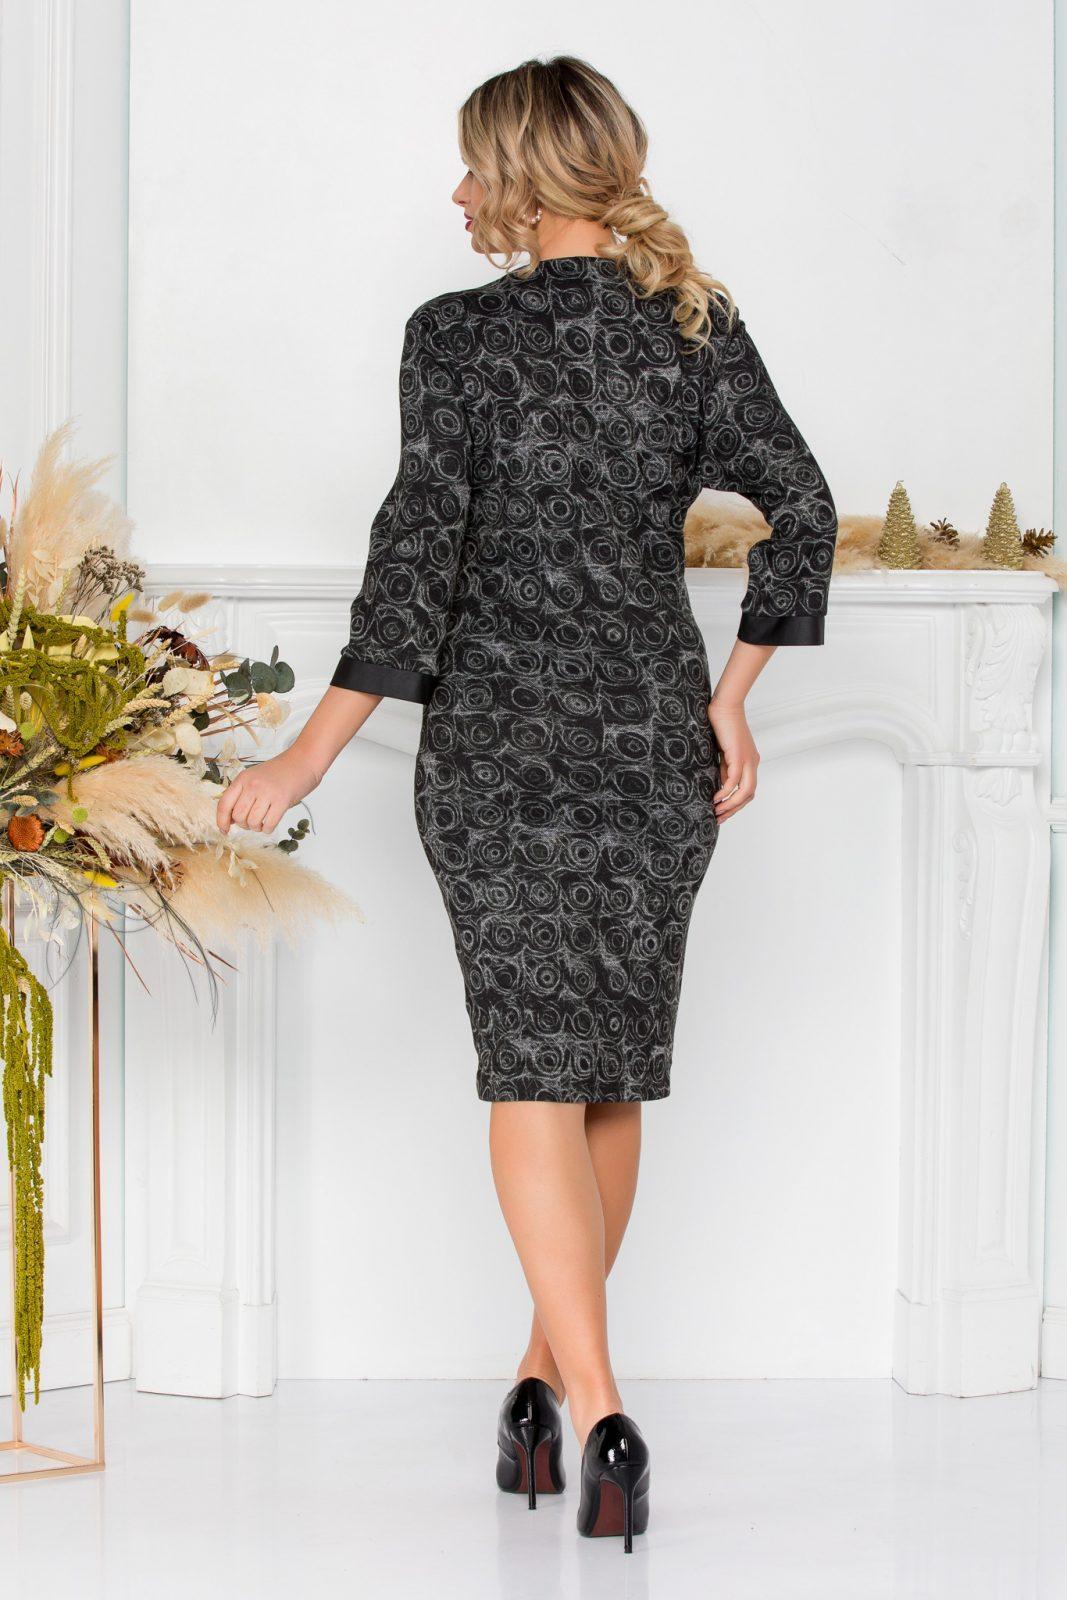 Μαύρο Πλεκτό Φόρεμα Με Δερματίνη Katalina 8910 4